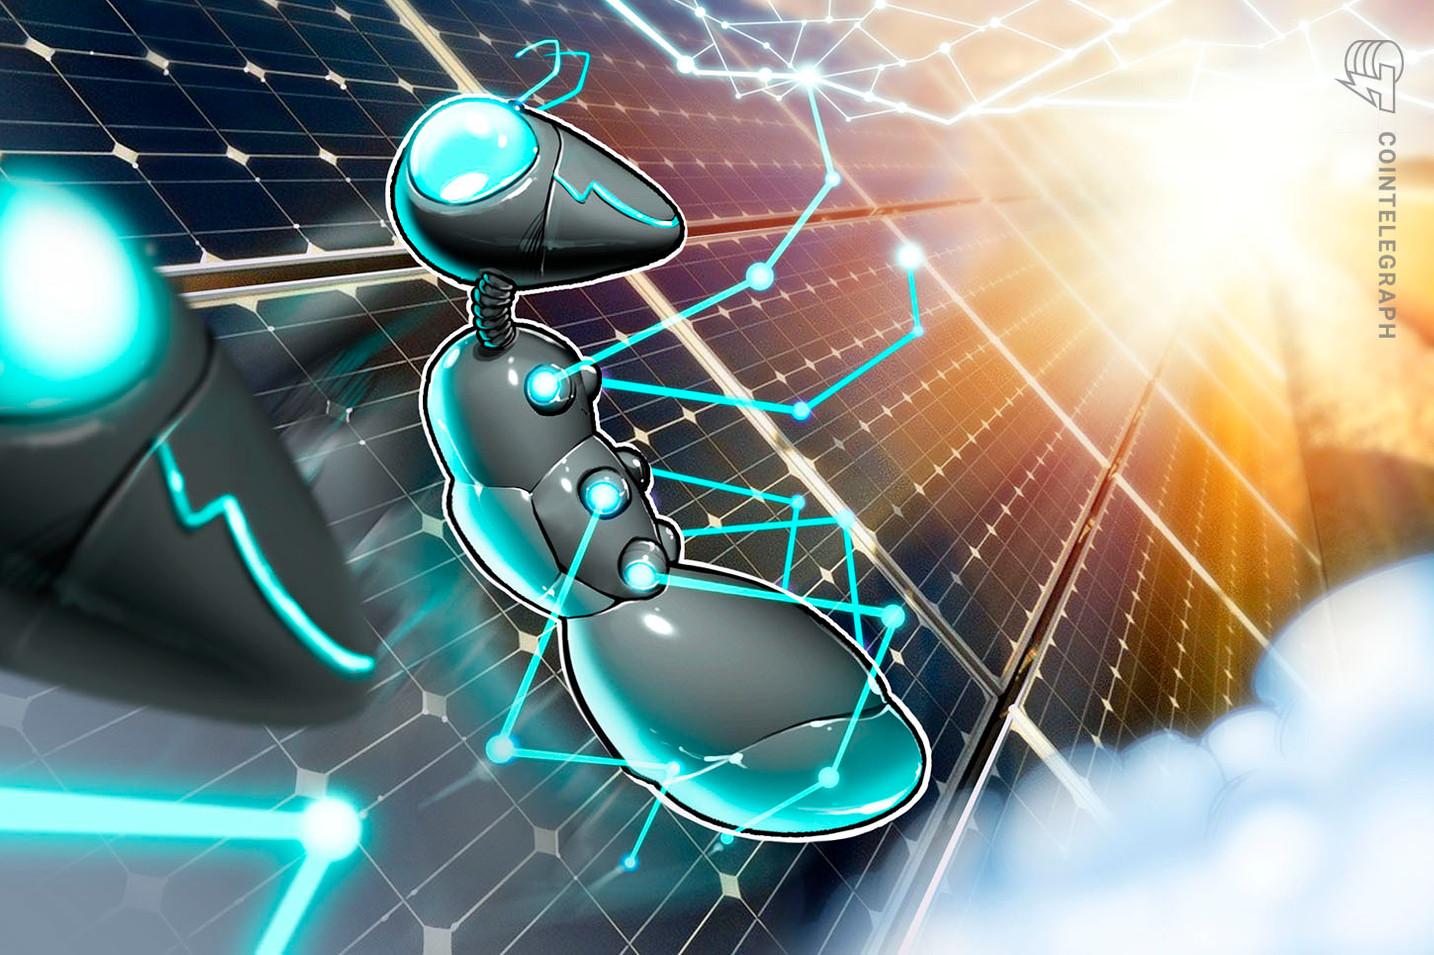 شركة تجارة الطاقة المعتمدة على بلوكتشين تخطط لتحسين توزيع الطاقة الشمسية في النمسا